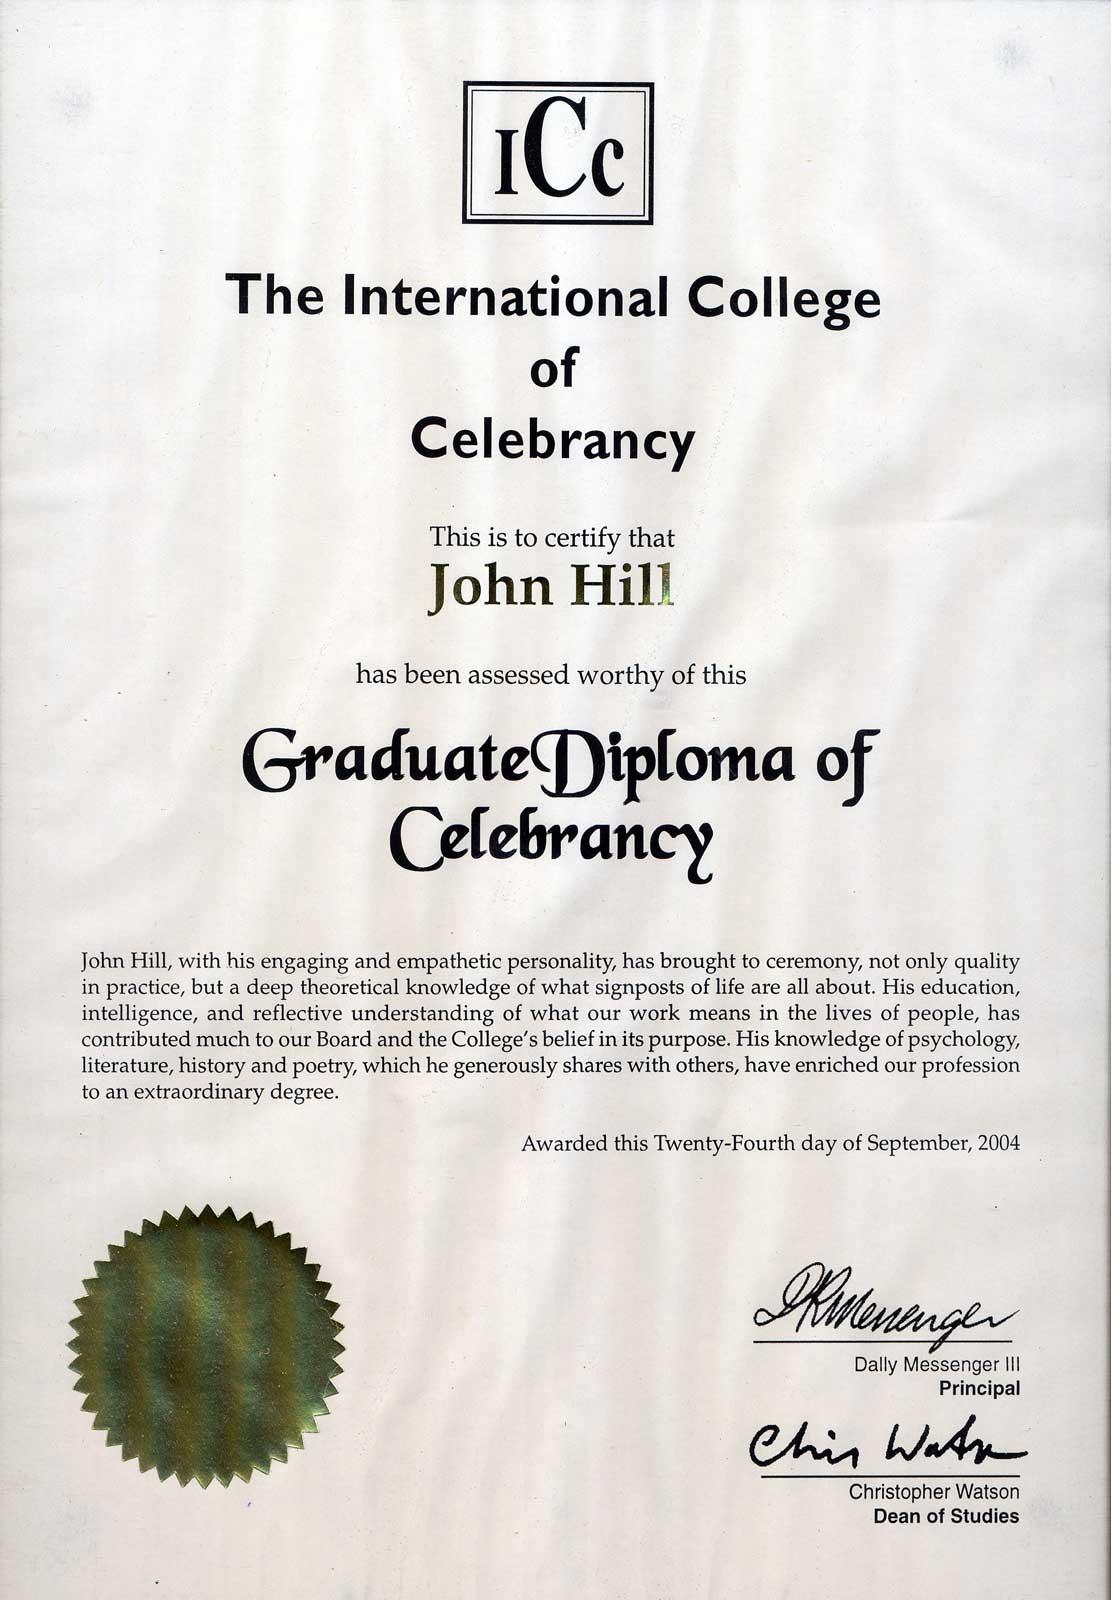 diploma-of-celebrancy